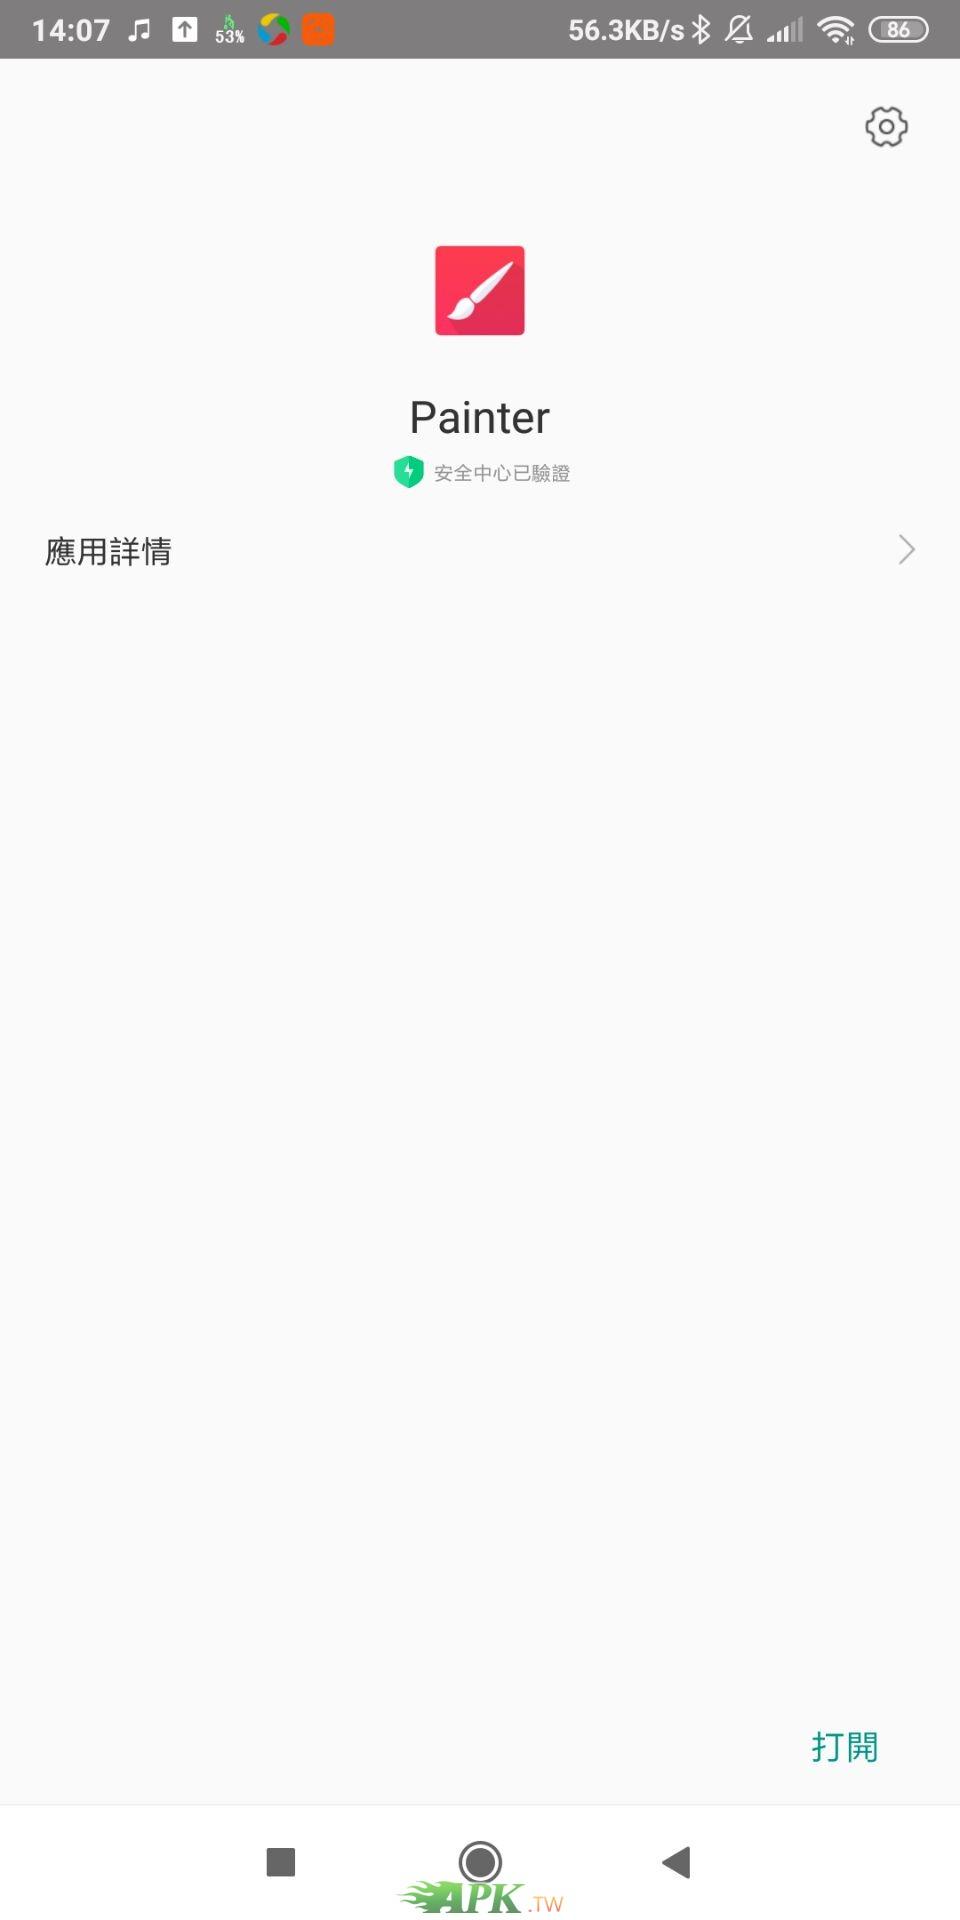 QQ图片20191112141506.jpg